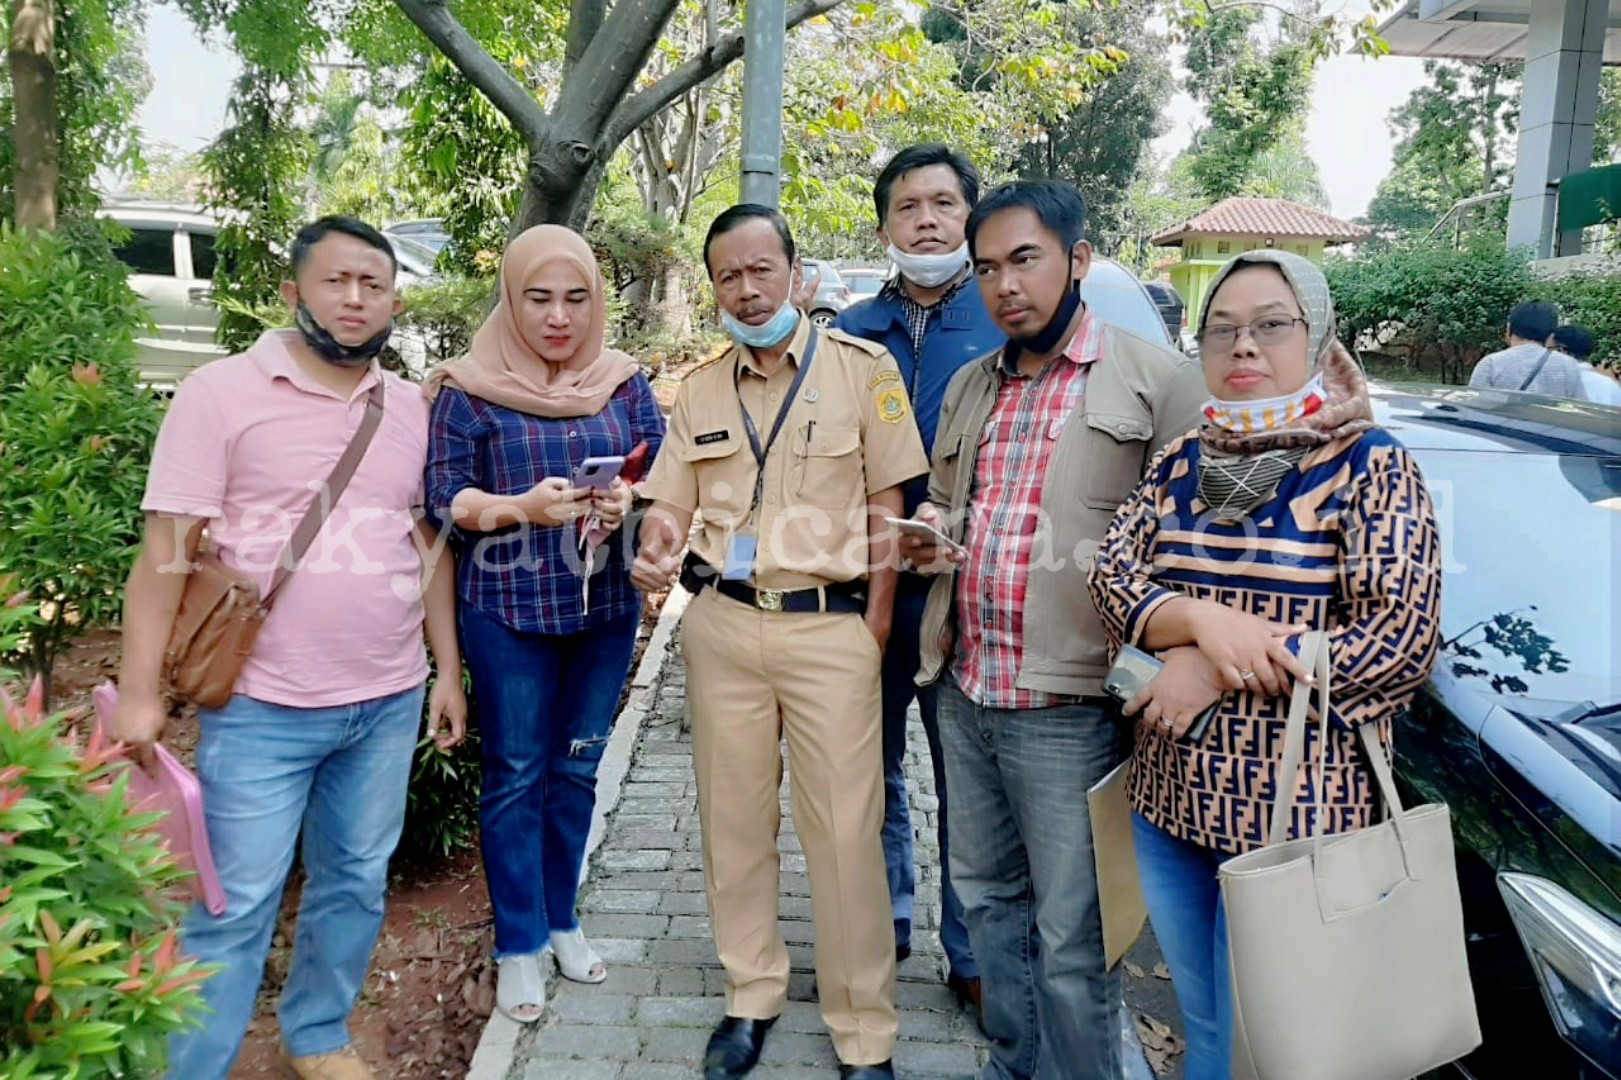 Ahli Waris Somasi Kepala Desa Dramaga, Terkait Surat Keterangan Waris